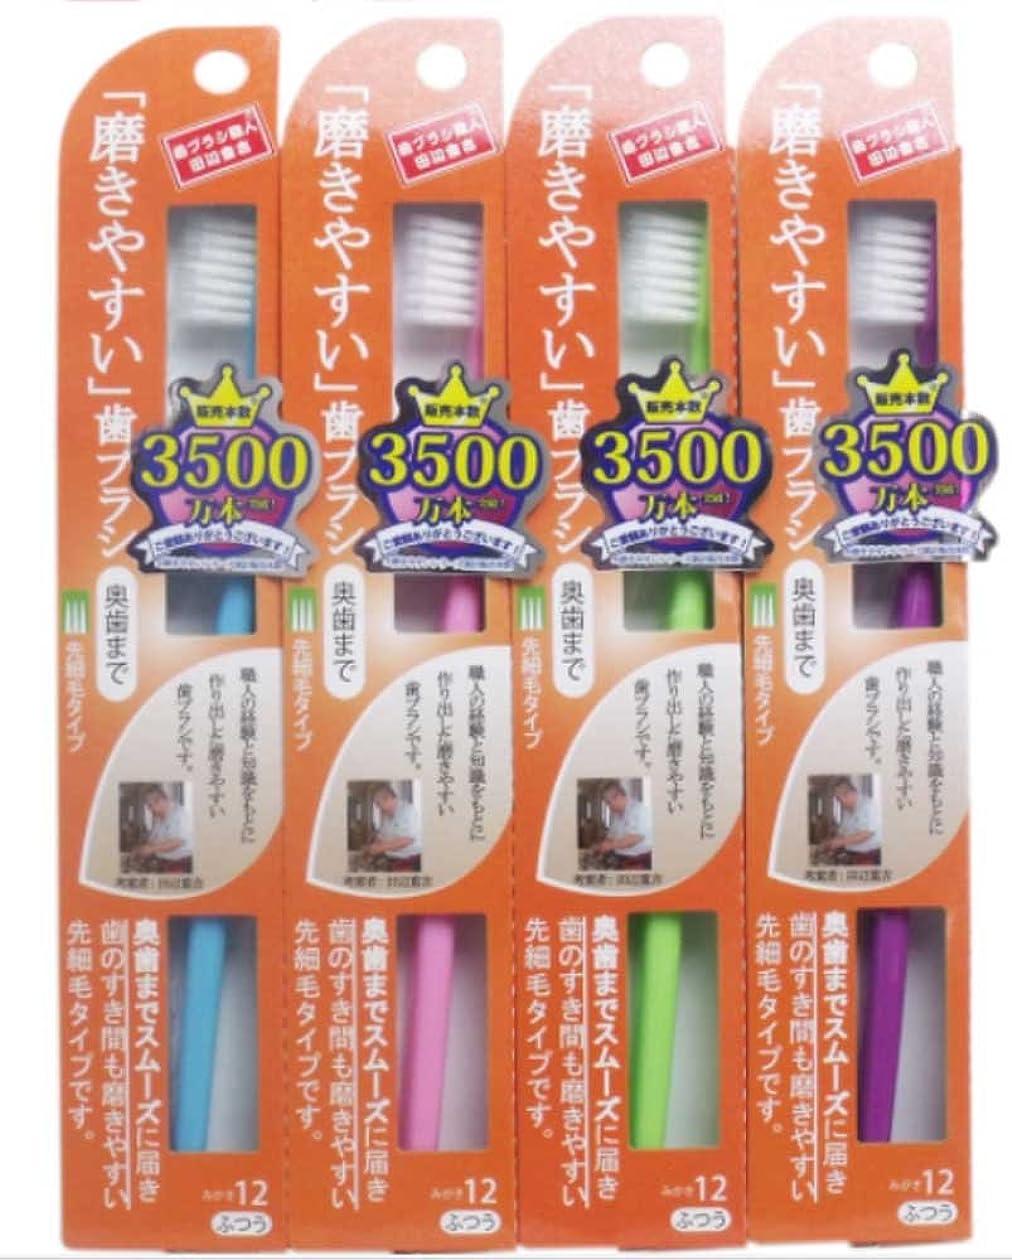 泥棒メディック飢えLT-12磨きやすい歯ブラシ先細 ライフレンジ